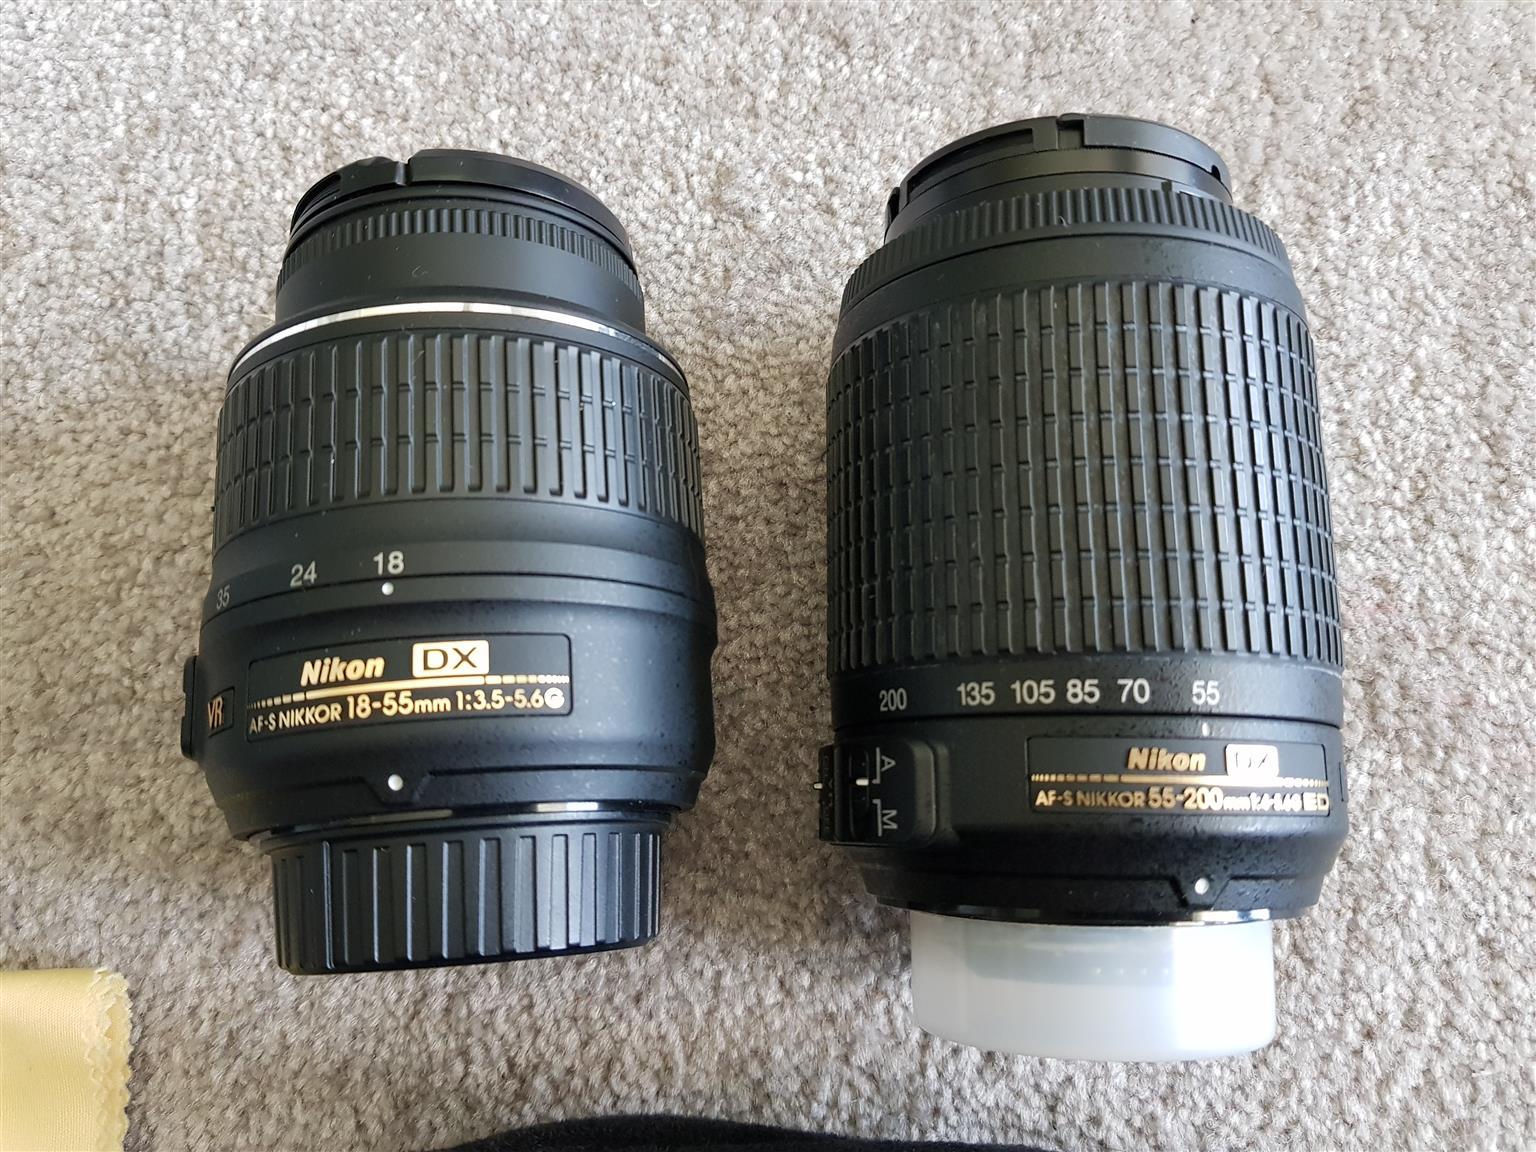 Nikon D3100 DSLR Camera - R6,600